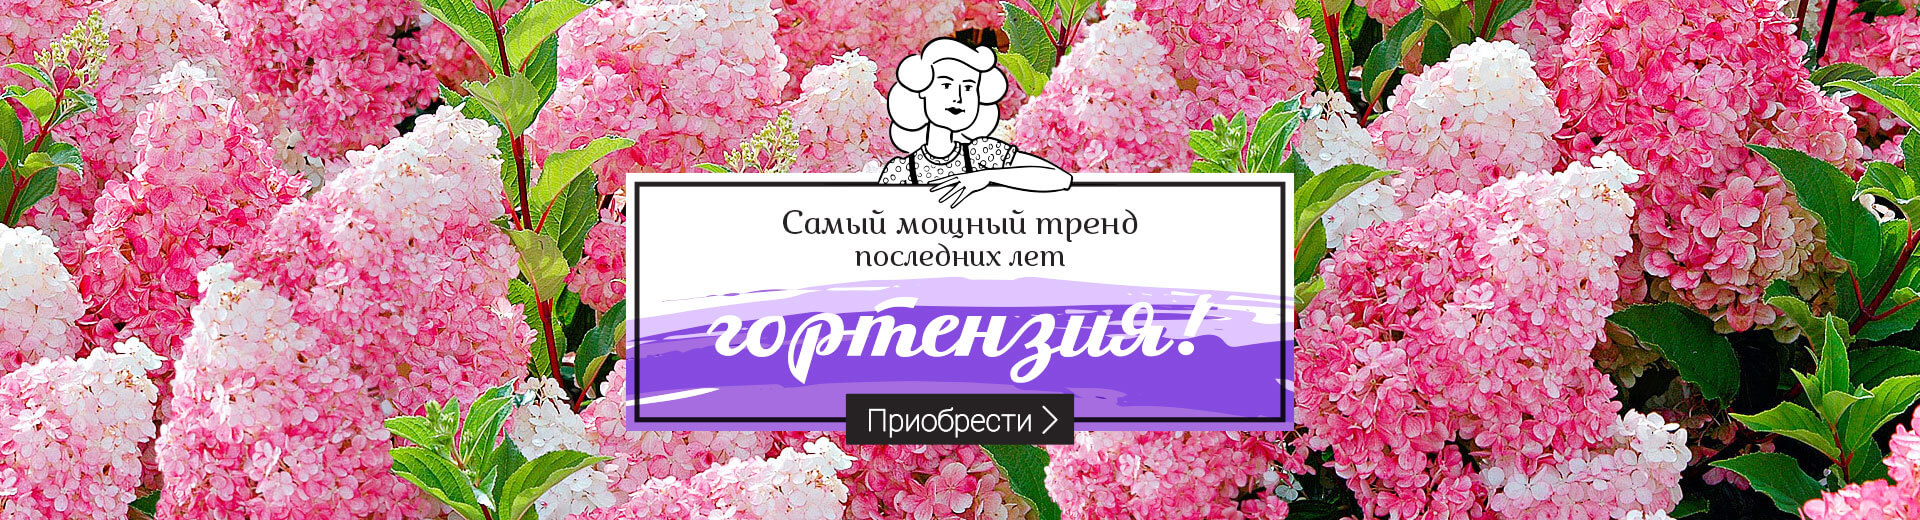 Оао цветы башкирии купить семена прайс купить штекеры тюльпаны